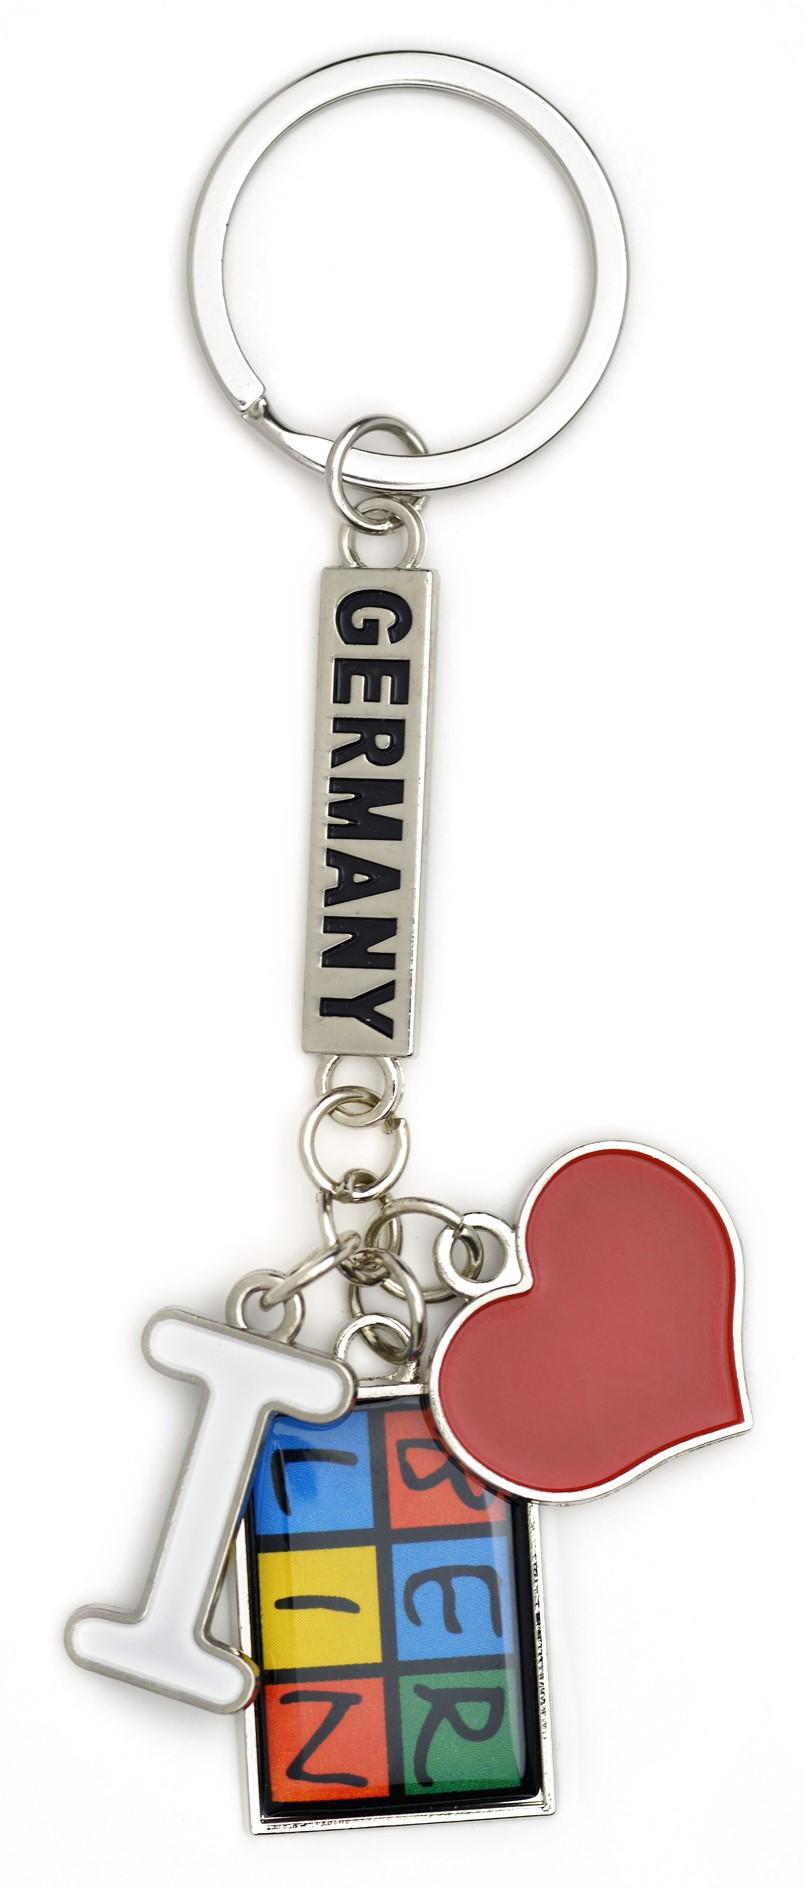 050-1022 Schlüsselanhänger I love BERLIN, 3-teilig